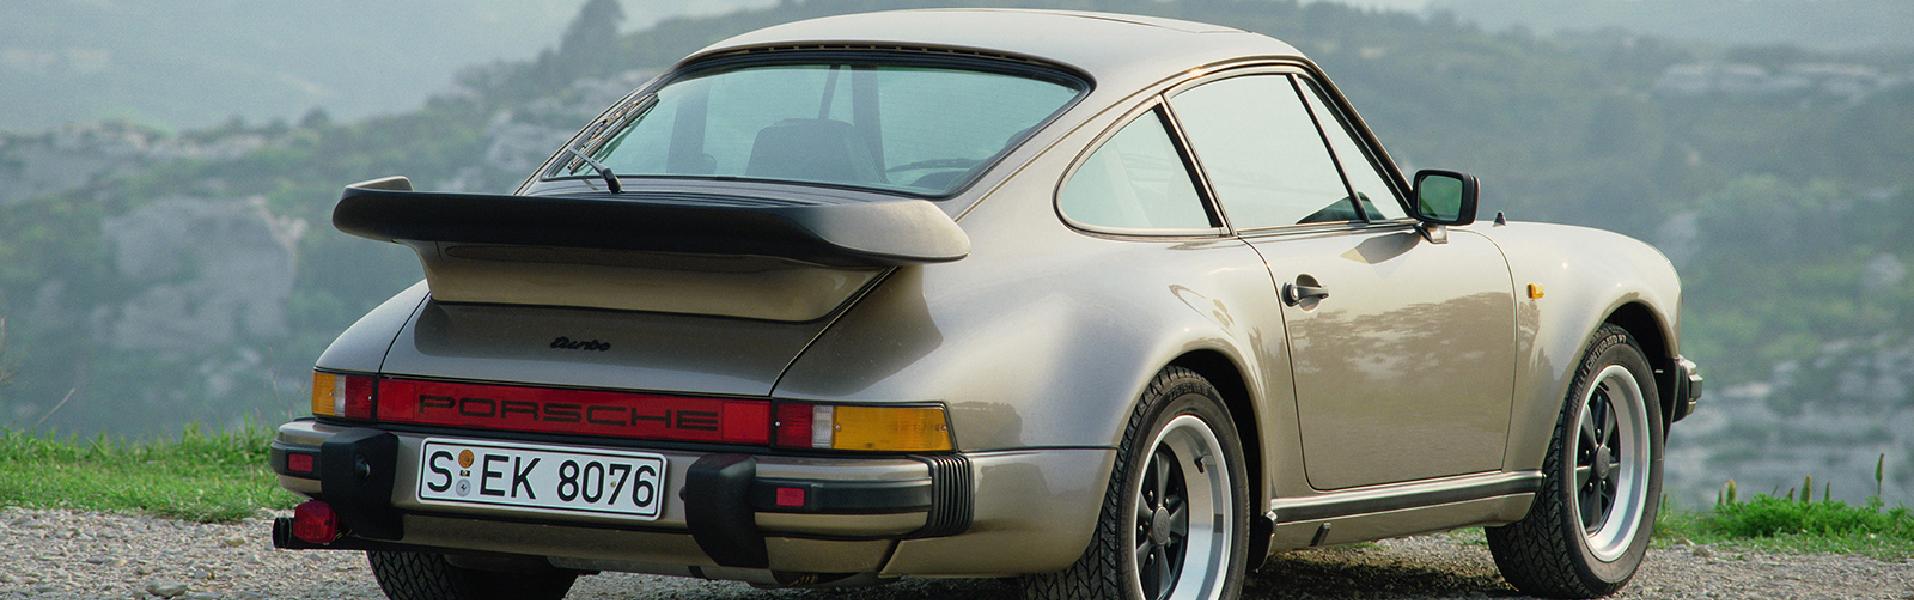 First Porsche Turbo